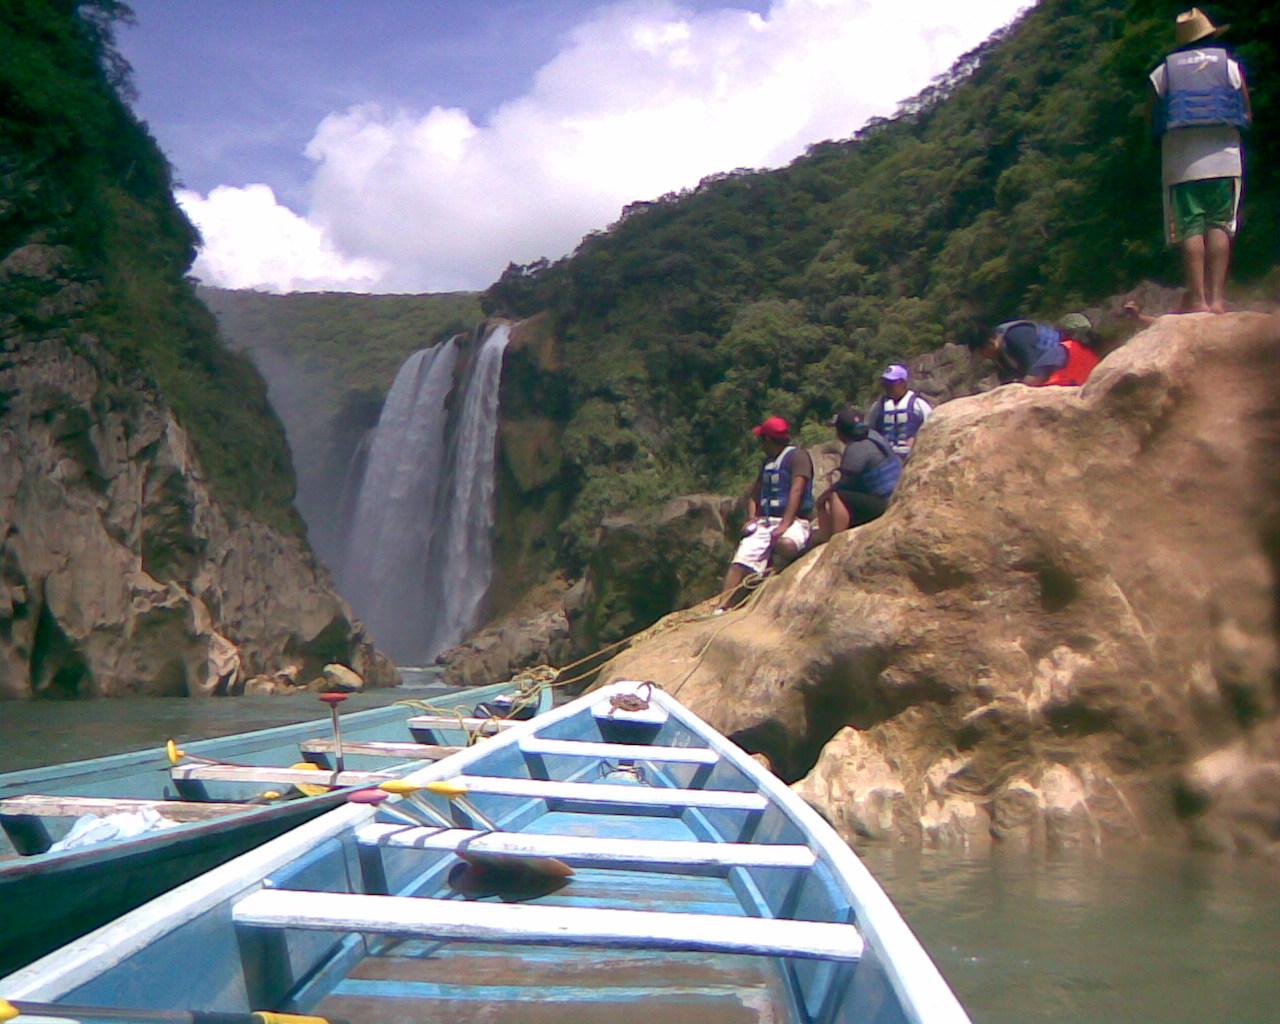 tamul canoe.jpg